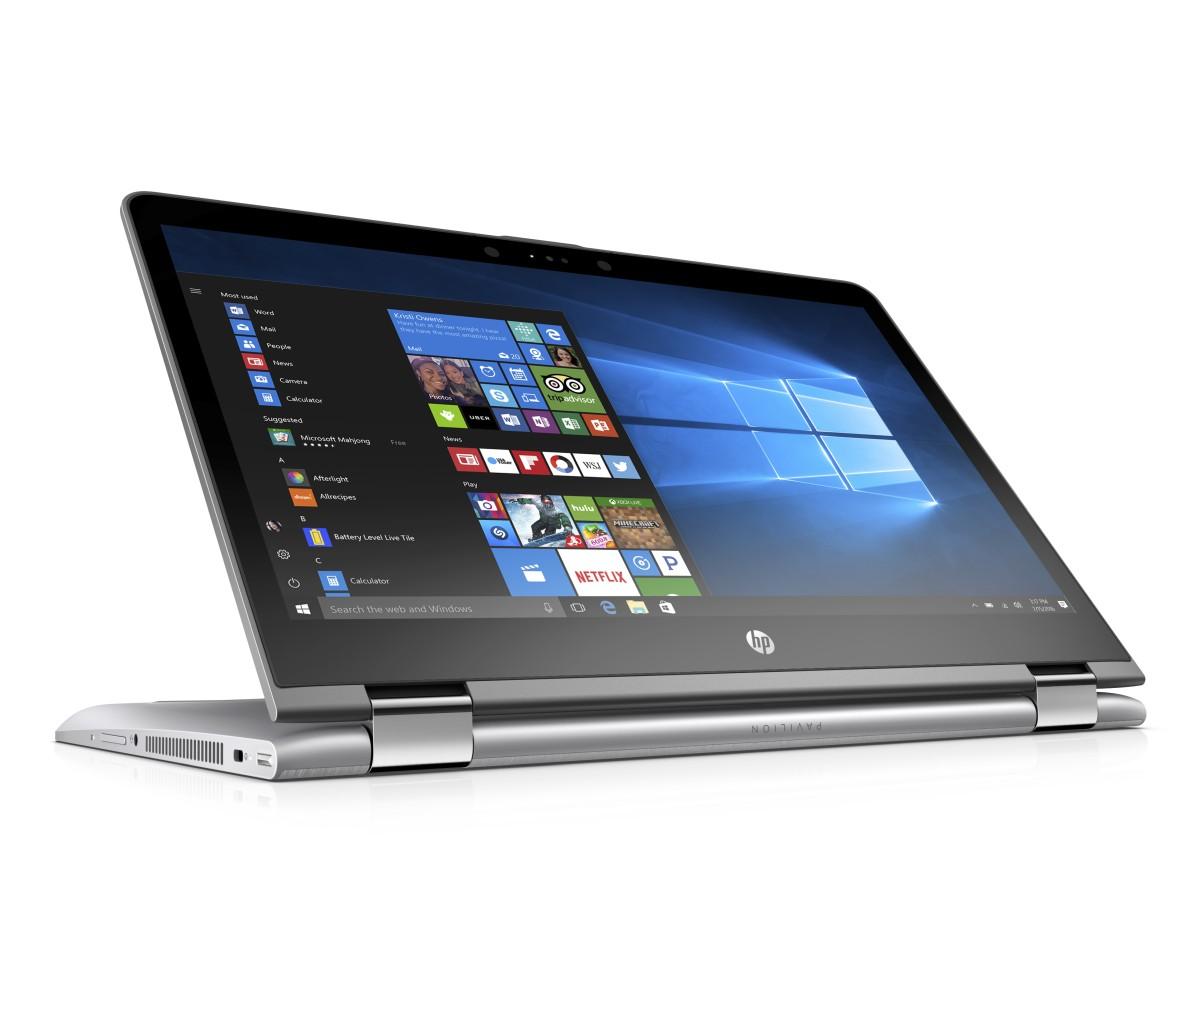 """HP Pavilion x360 14-ba010nc/Intel i5-7200U/8GB/128GB SSD M.2 + 1TB/GF 940MX 2GB/14"""" FHD/Win 10/stříbrný"""